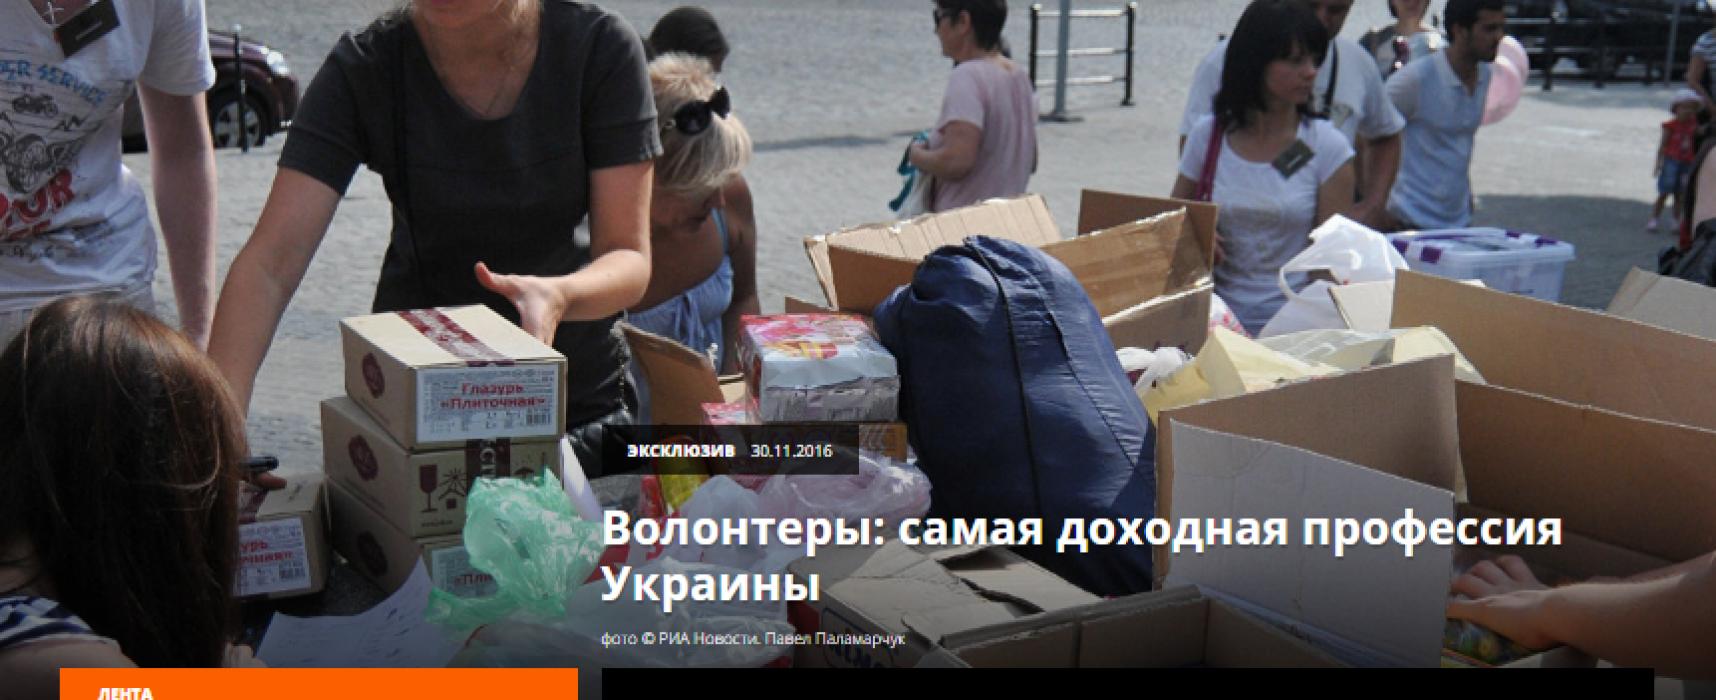 Los medios rusos difunden fakes sobre los voluntarios ucranianos